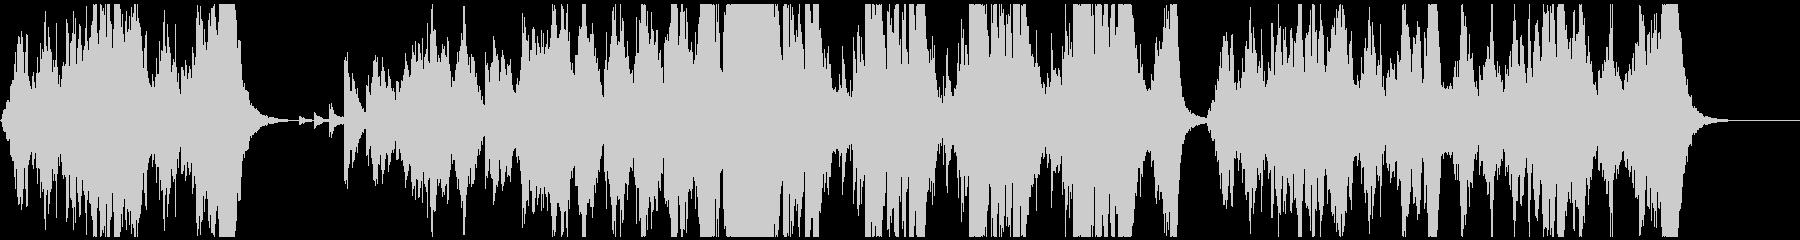 一分間のオーケストラの未再生の波形